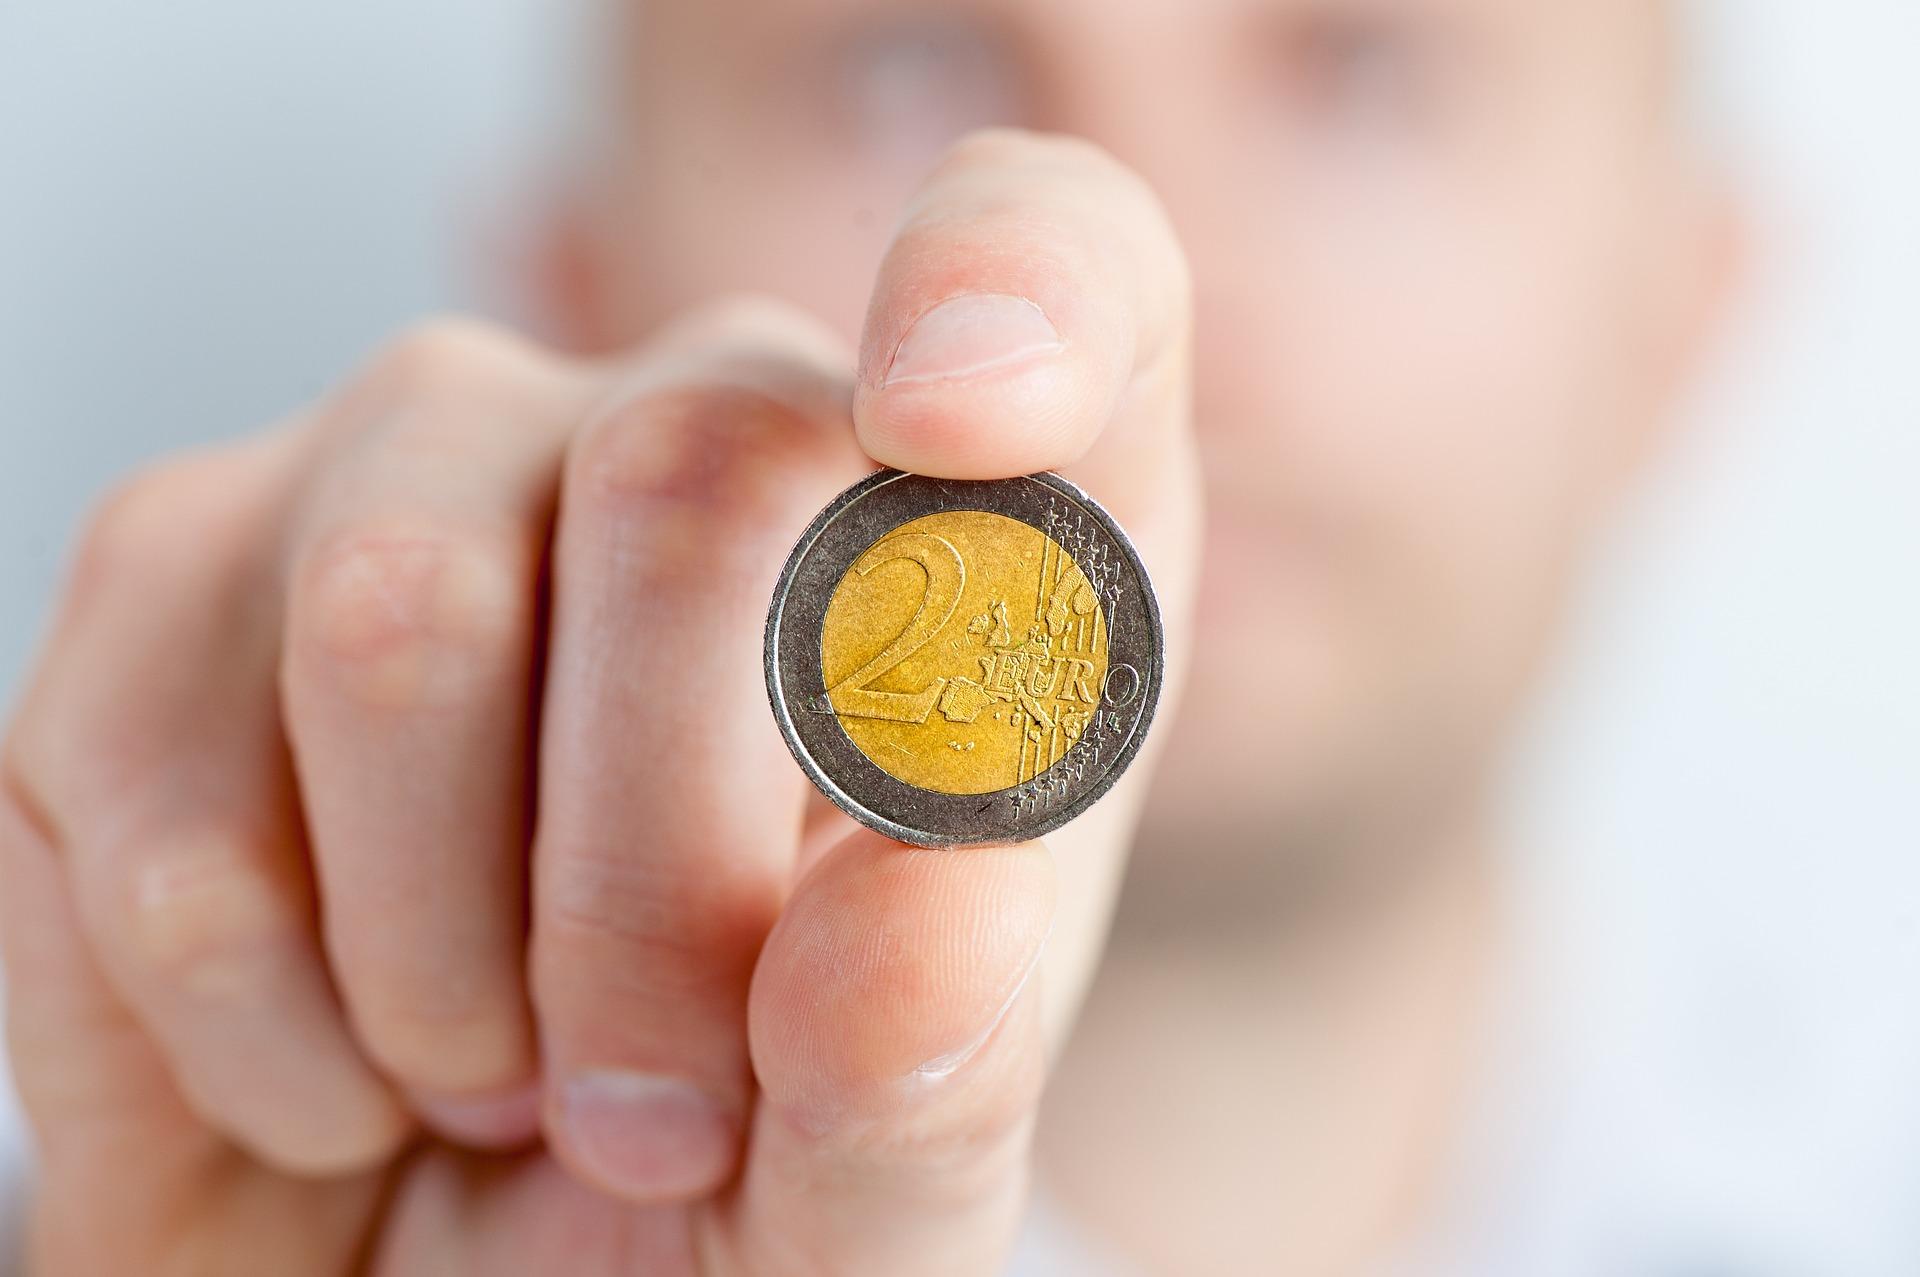 Делът на спестяванията в еврозоната леко намалява през лятото на 2019 година